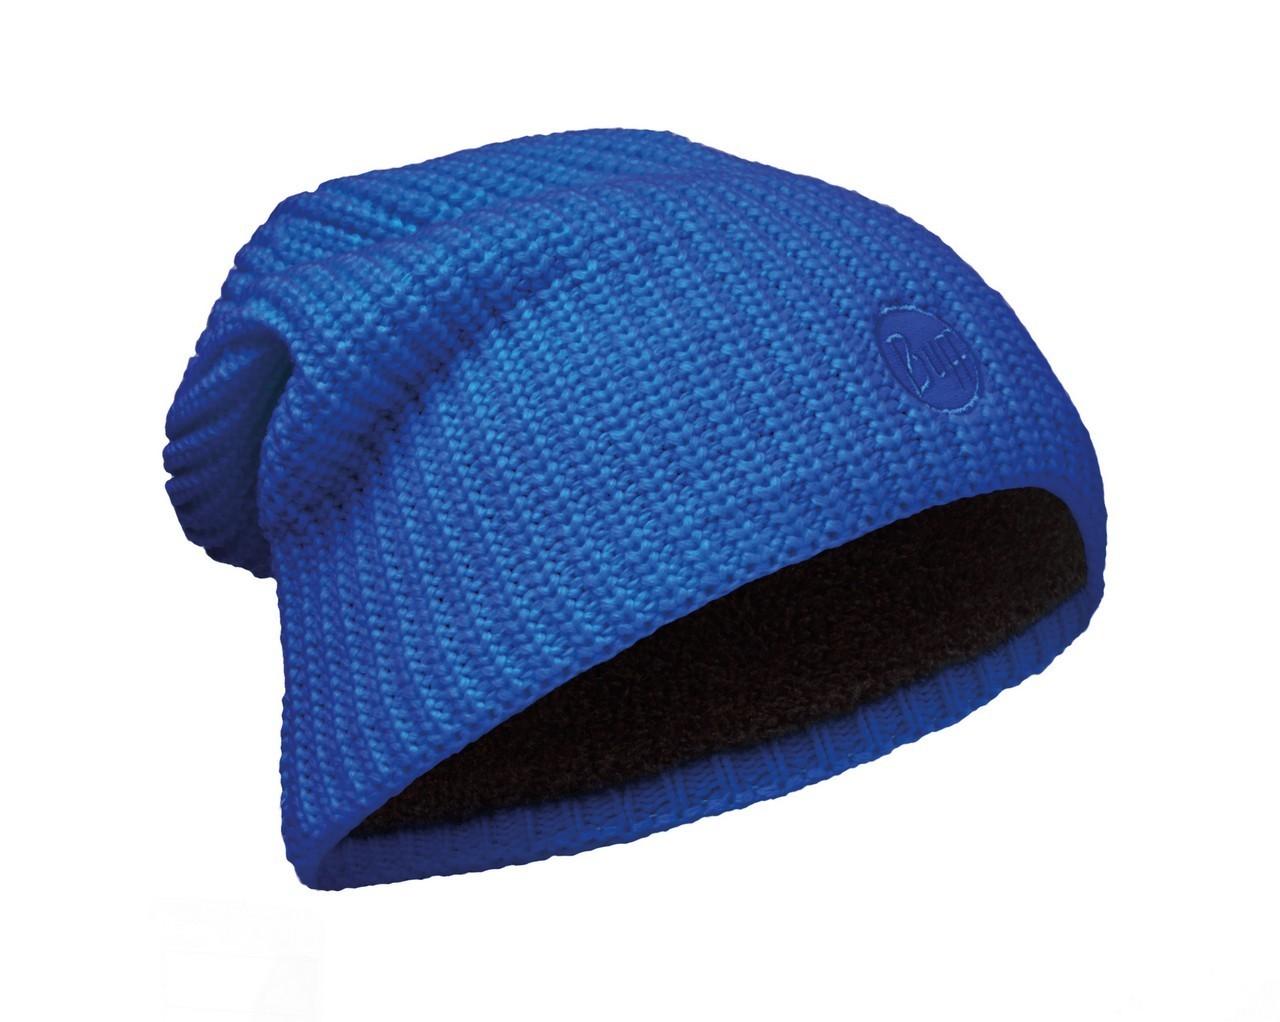 Длинные шапки Вязаная шапка-бини с флисовой подкладкой Buff Drip Blue Skydiver 110981.703.10.00.jpg